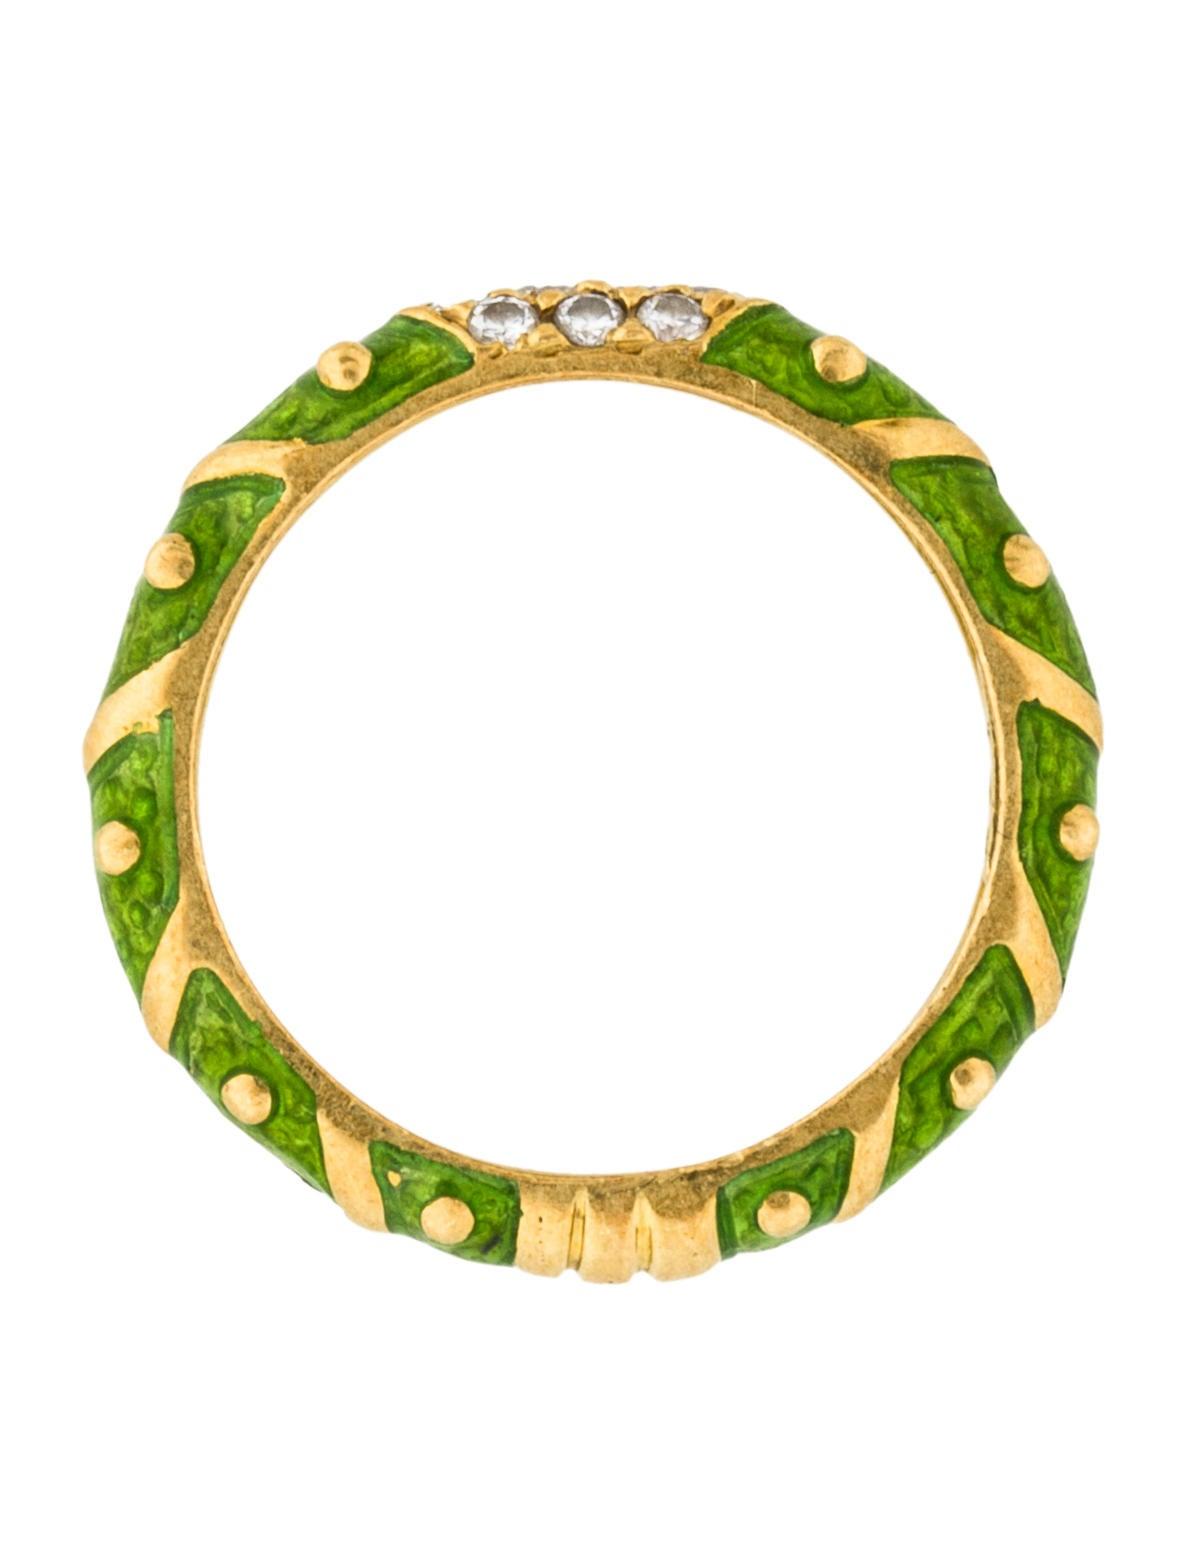 Enamel Rings By Hidalgo Jewelry